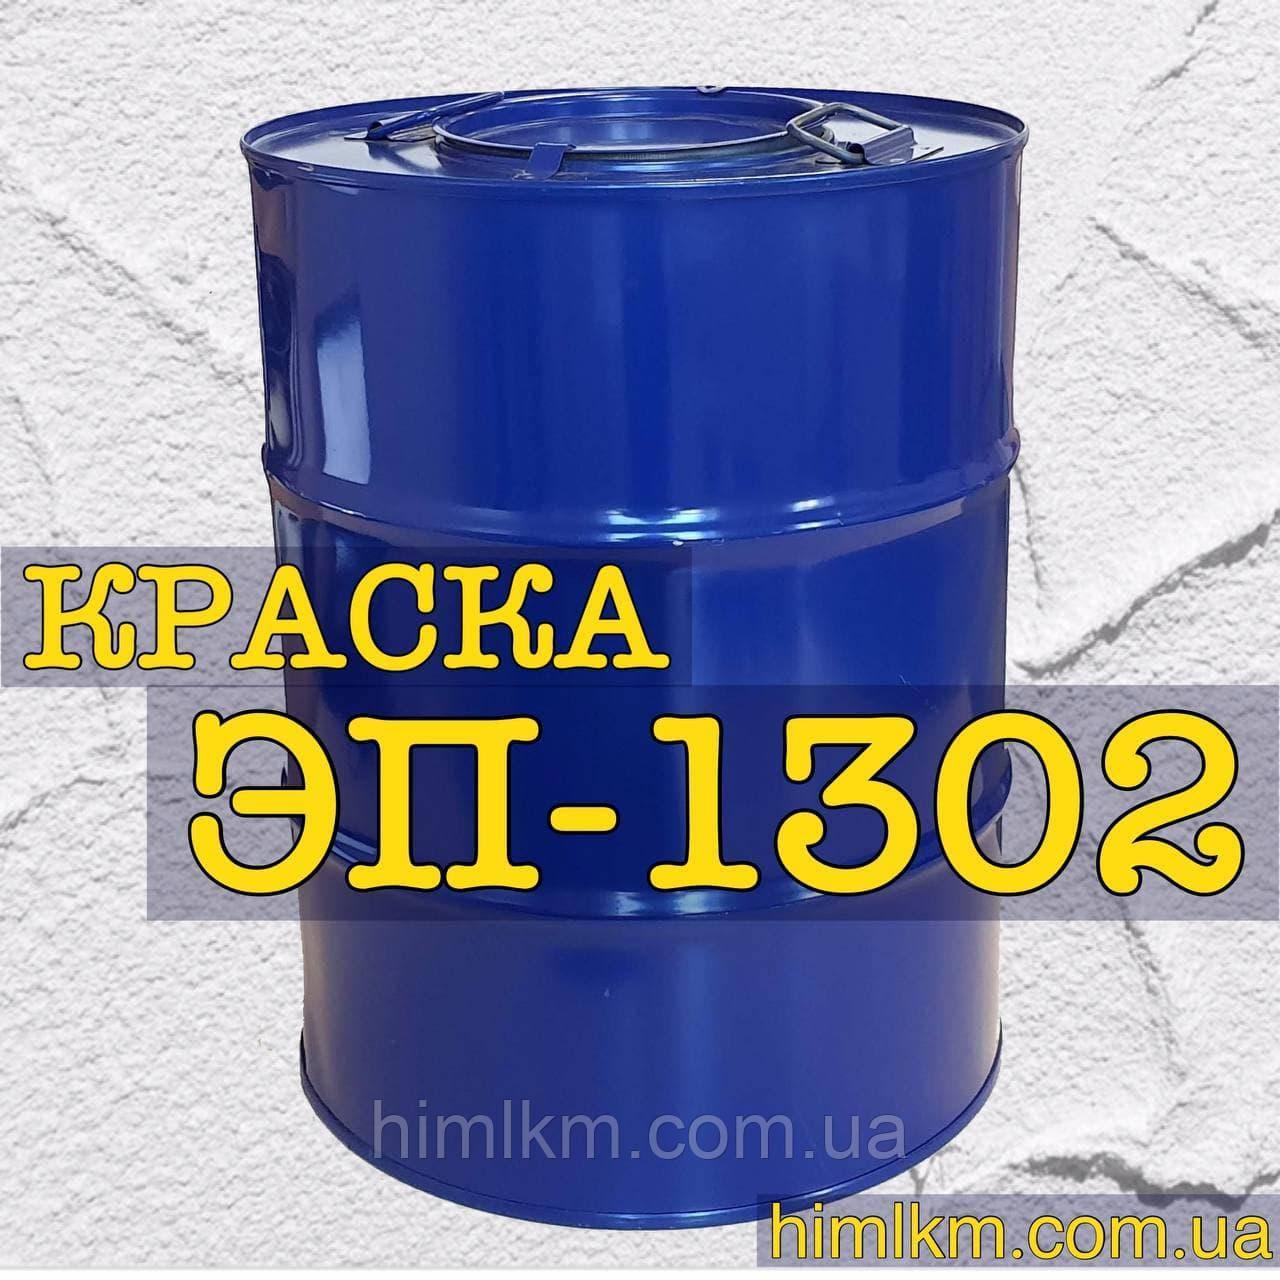 Фарба епоксидна ЕП-1302 для кузовів вагонів-мінераловозів, і кузовів вагонів-зерновозів, 50кг